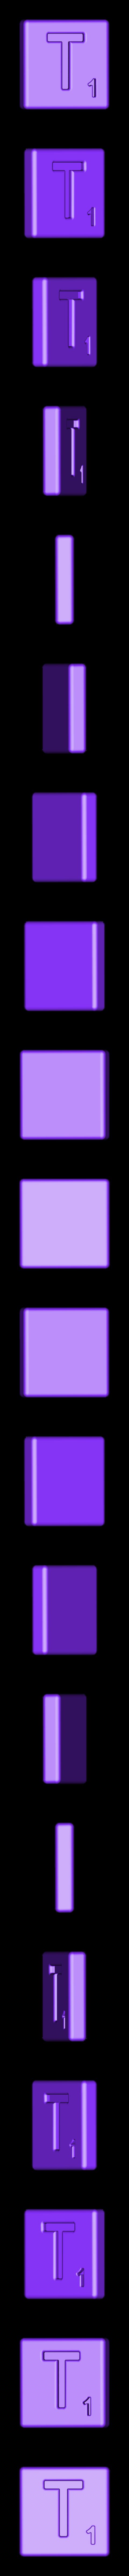 Single_Cut_T.STL Télécharger fichier STL gratuit Pièces et support SCRABBBLE • Design pour imprimante 3D, Balkhagal4D